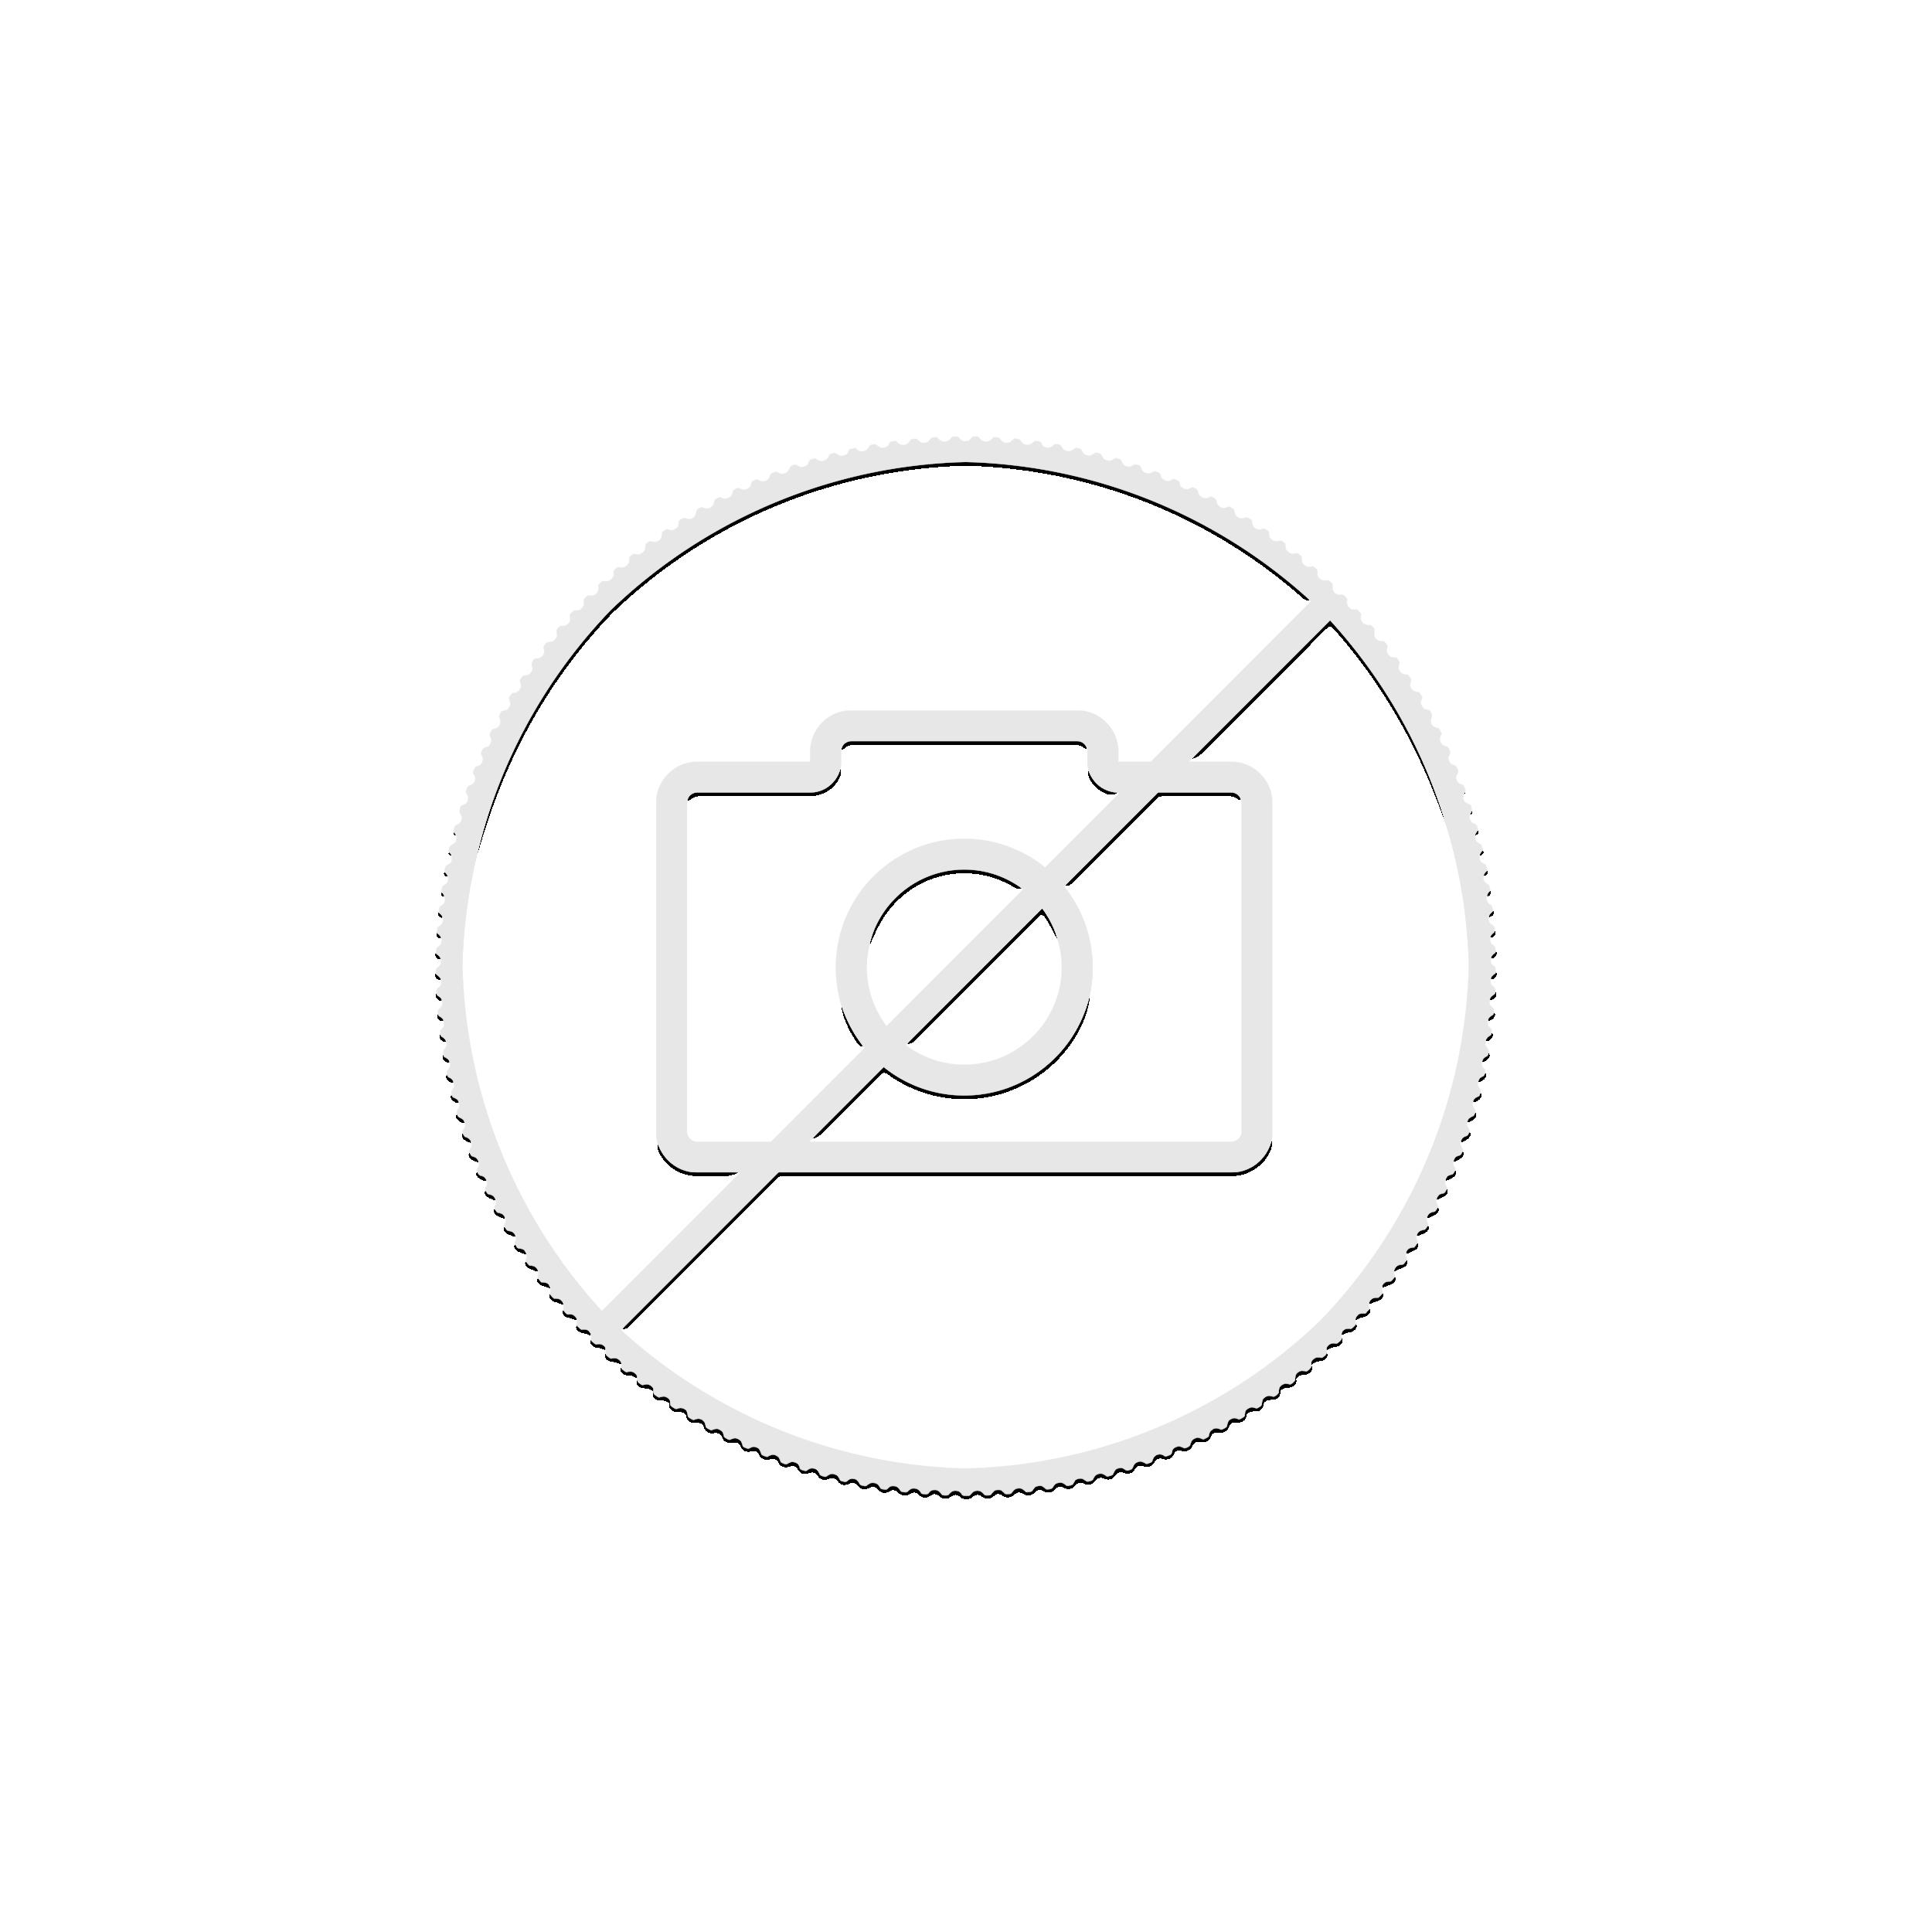 10 Troy ounce silver coin Kookaburra 2020